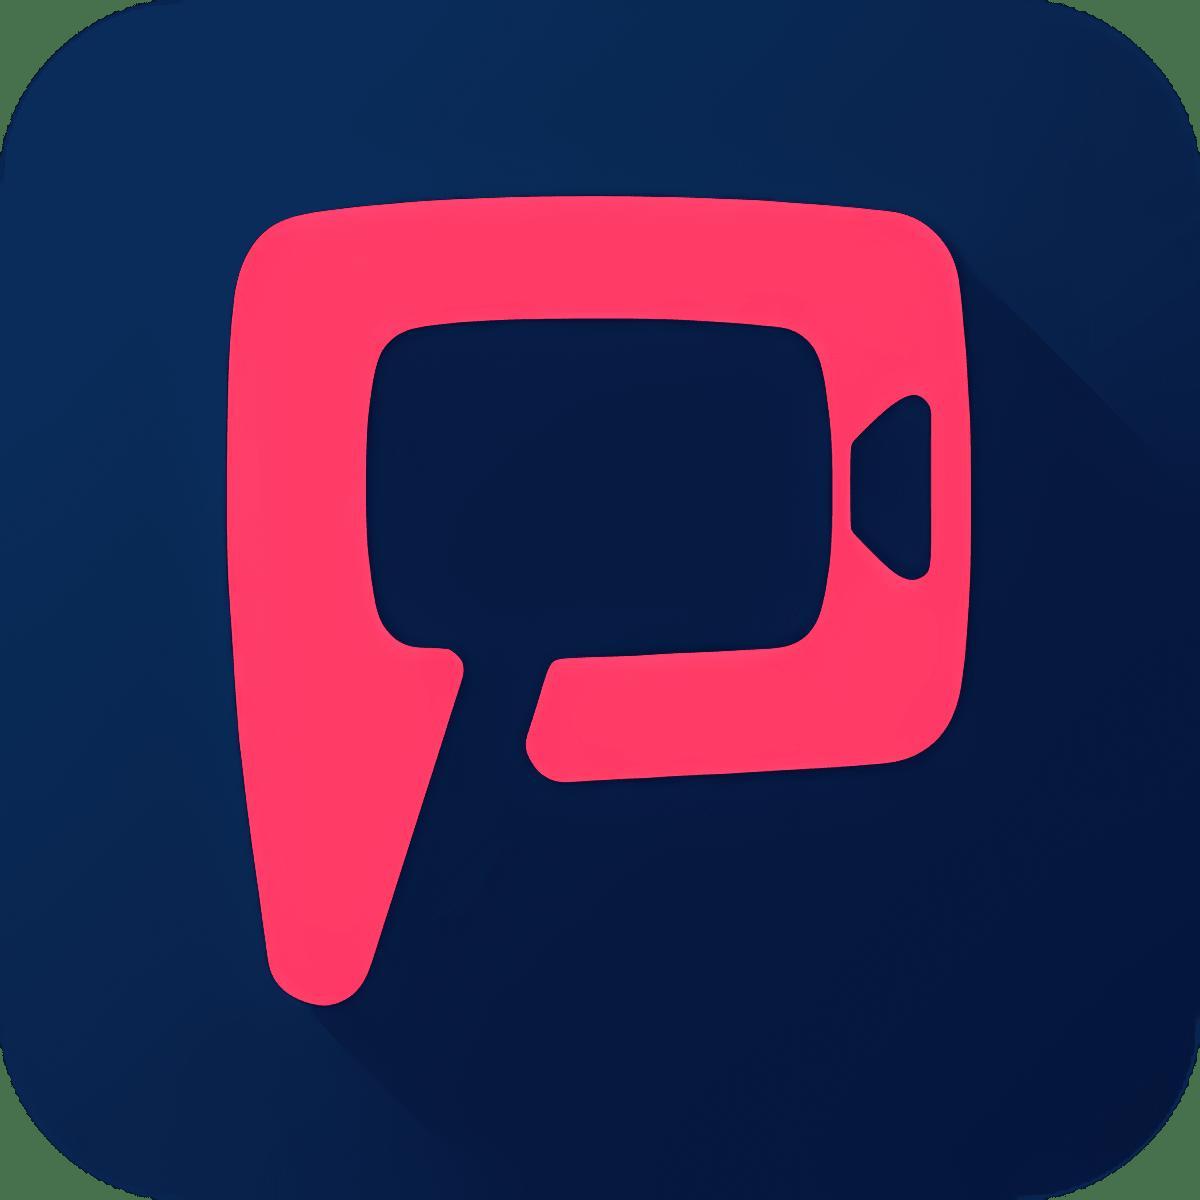 PocketLive - live streaming